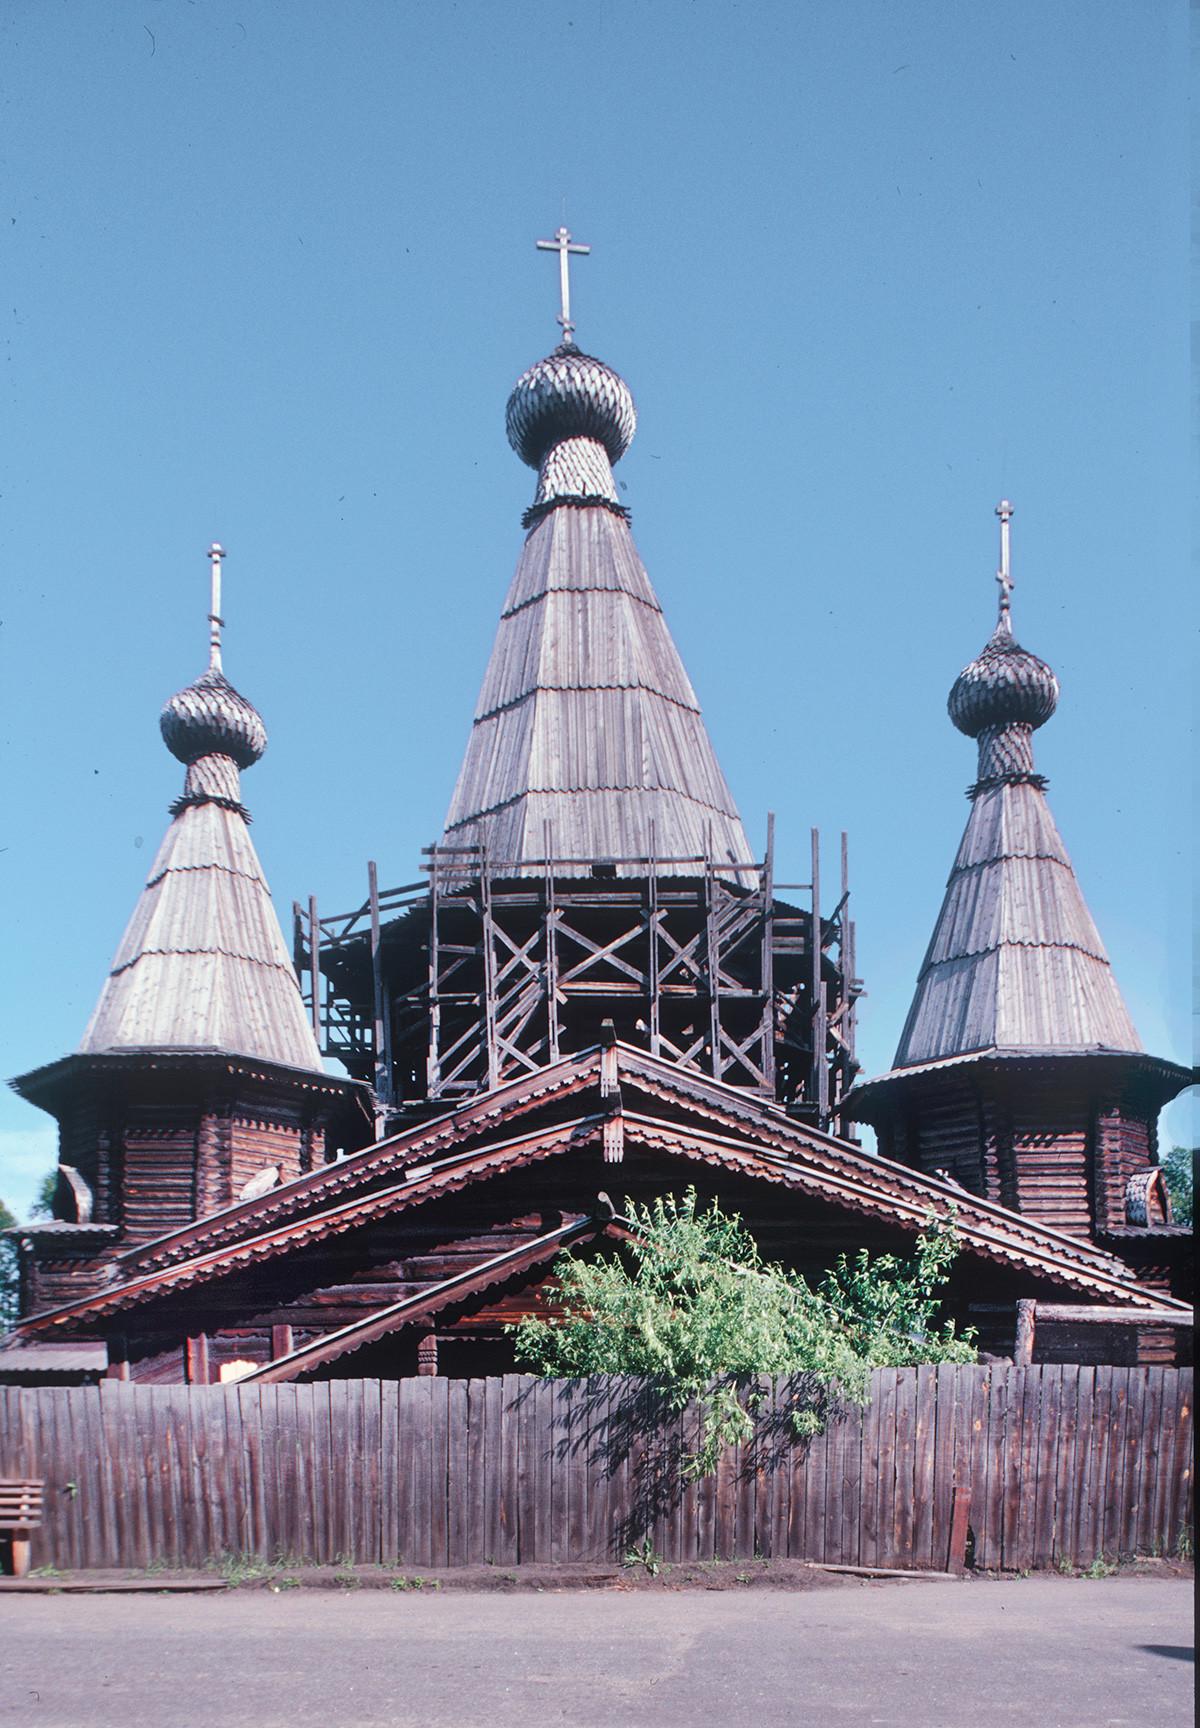 Kem. Uspenska katedrala, pogled na zahod. 25. julij 2001